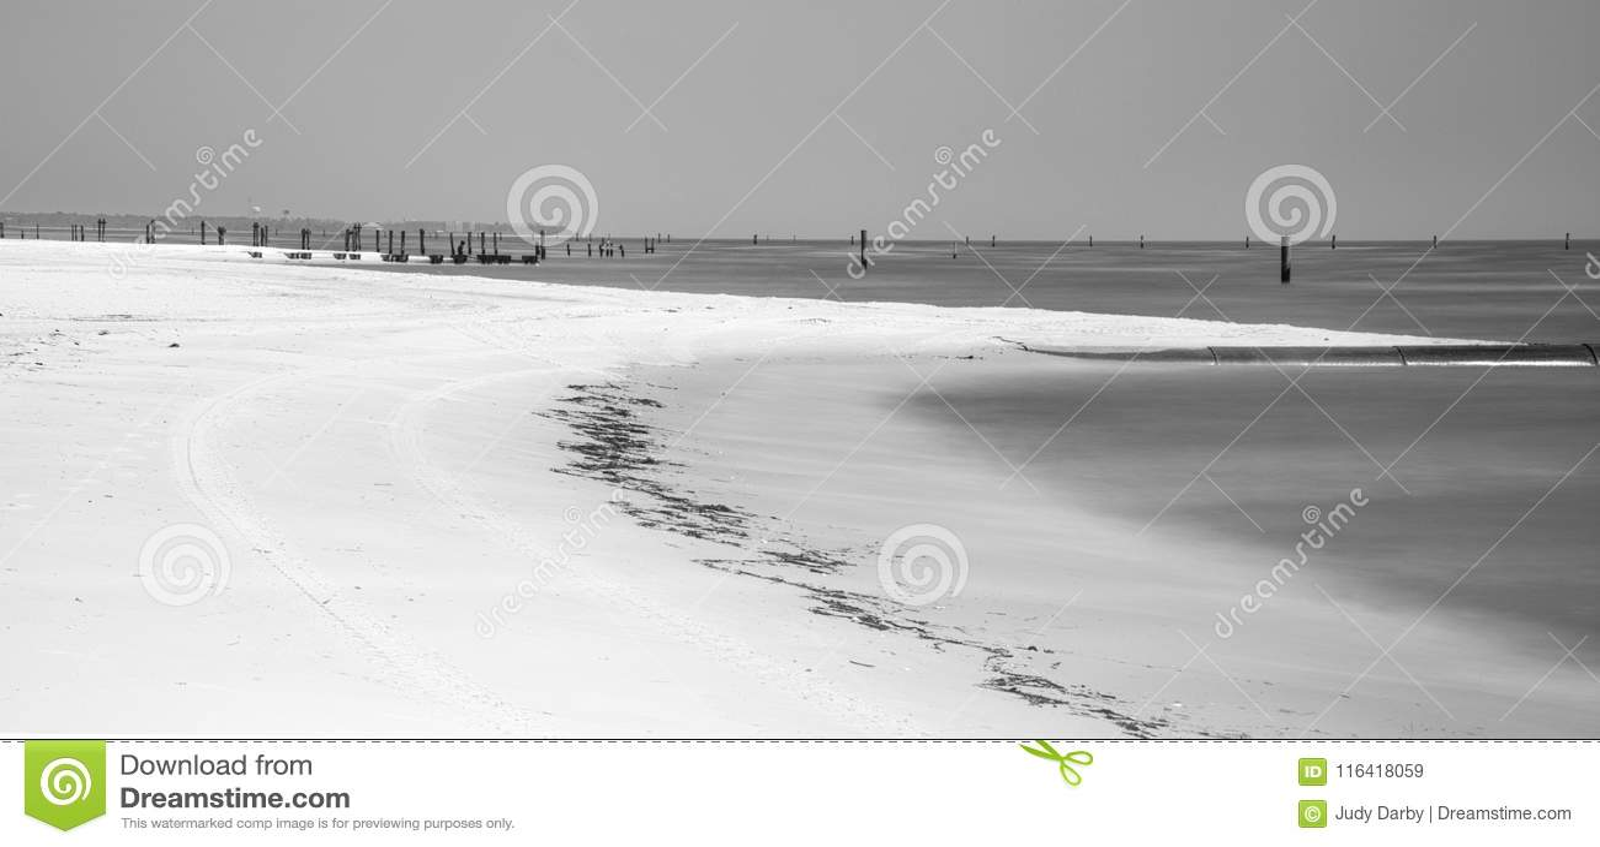 Abandoned beach at Waveland, Mississippi